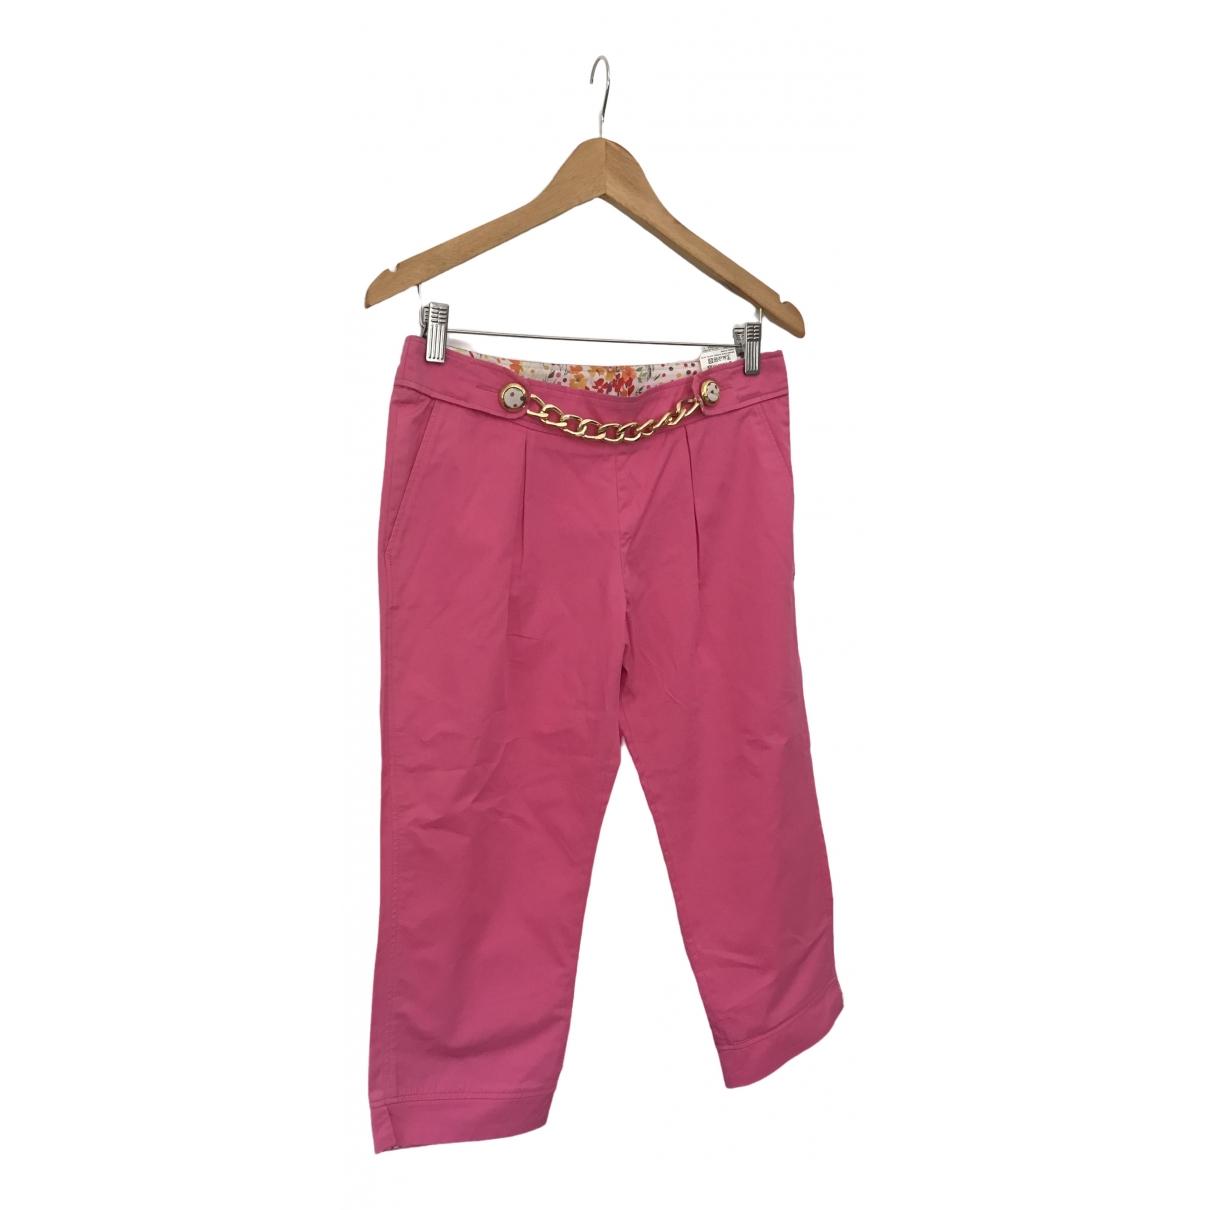 Pantalon en Algodon Rosa D&g